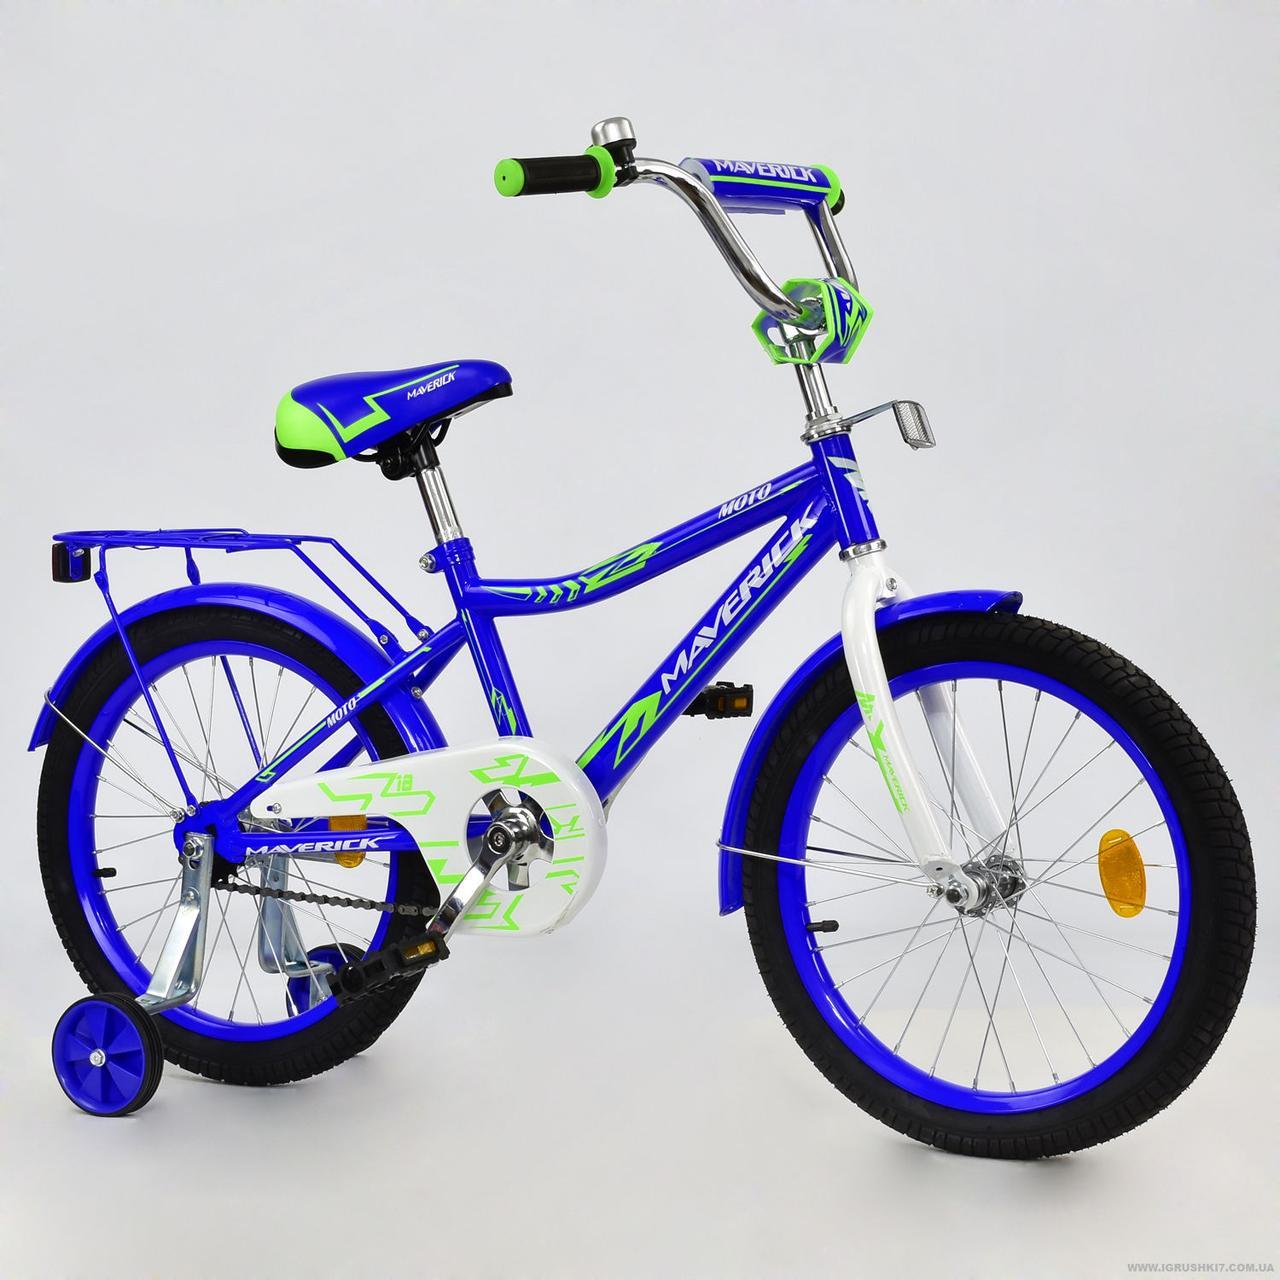 """Велосипед 2-х колёсный R 1806 """"MAVERICK"""" (1) без ручного тормоза, доп. колеса, СОБРАННЫЙ НА 75% , в коробке"""